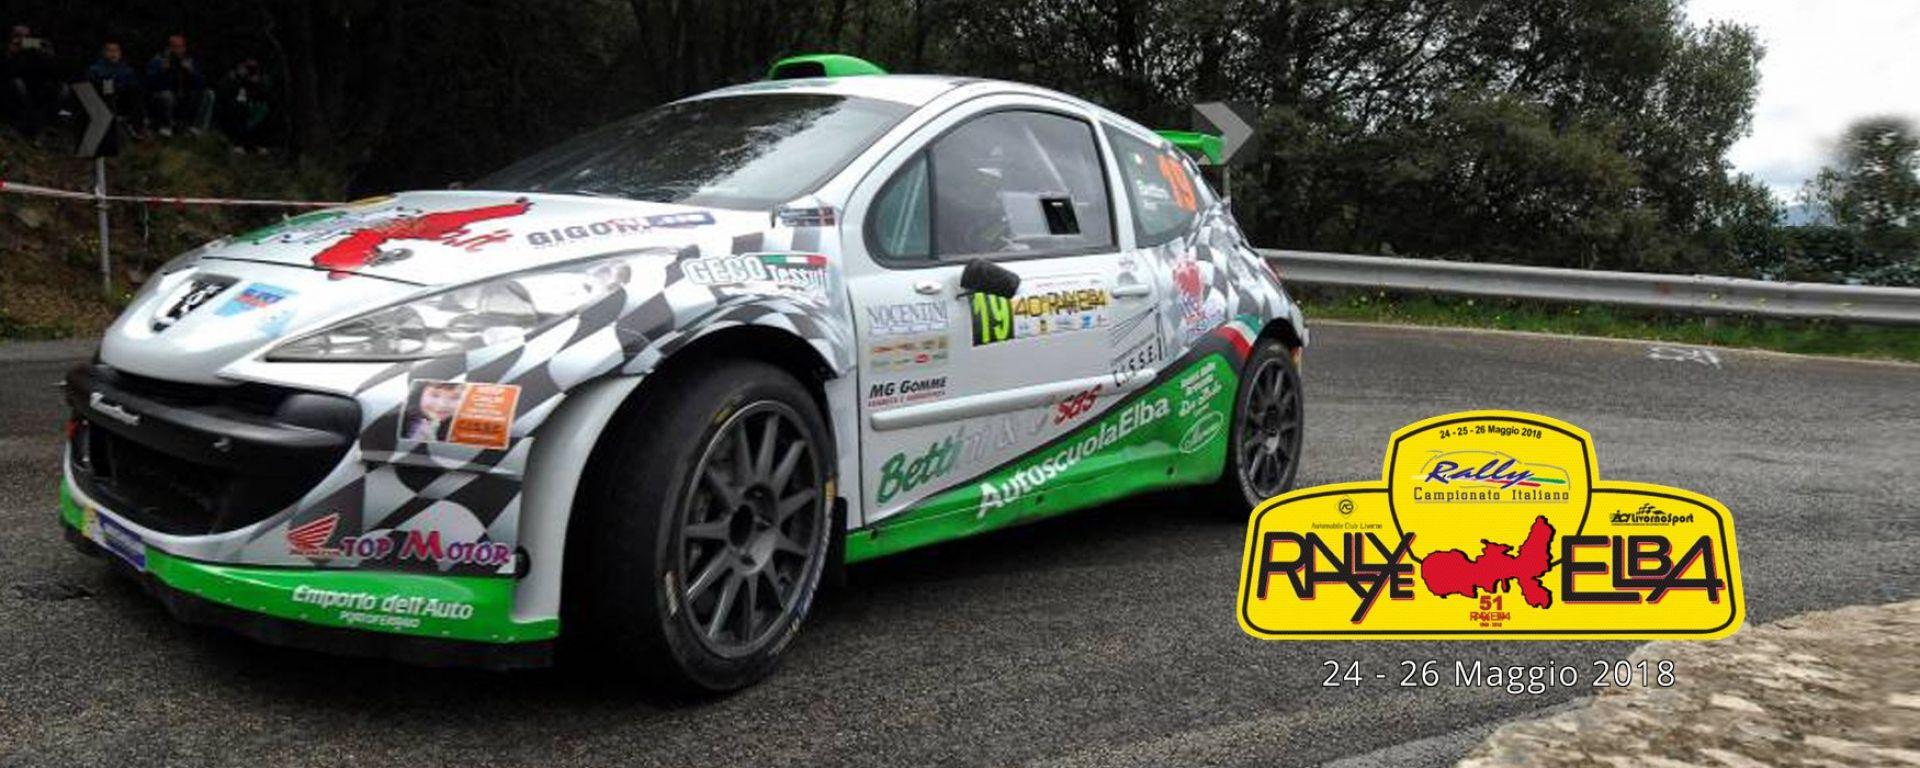 51° Rally Elba - info e risultati